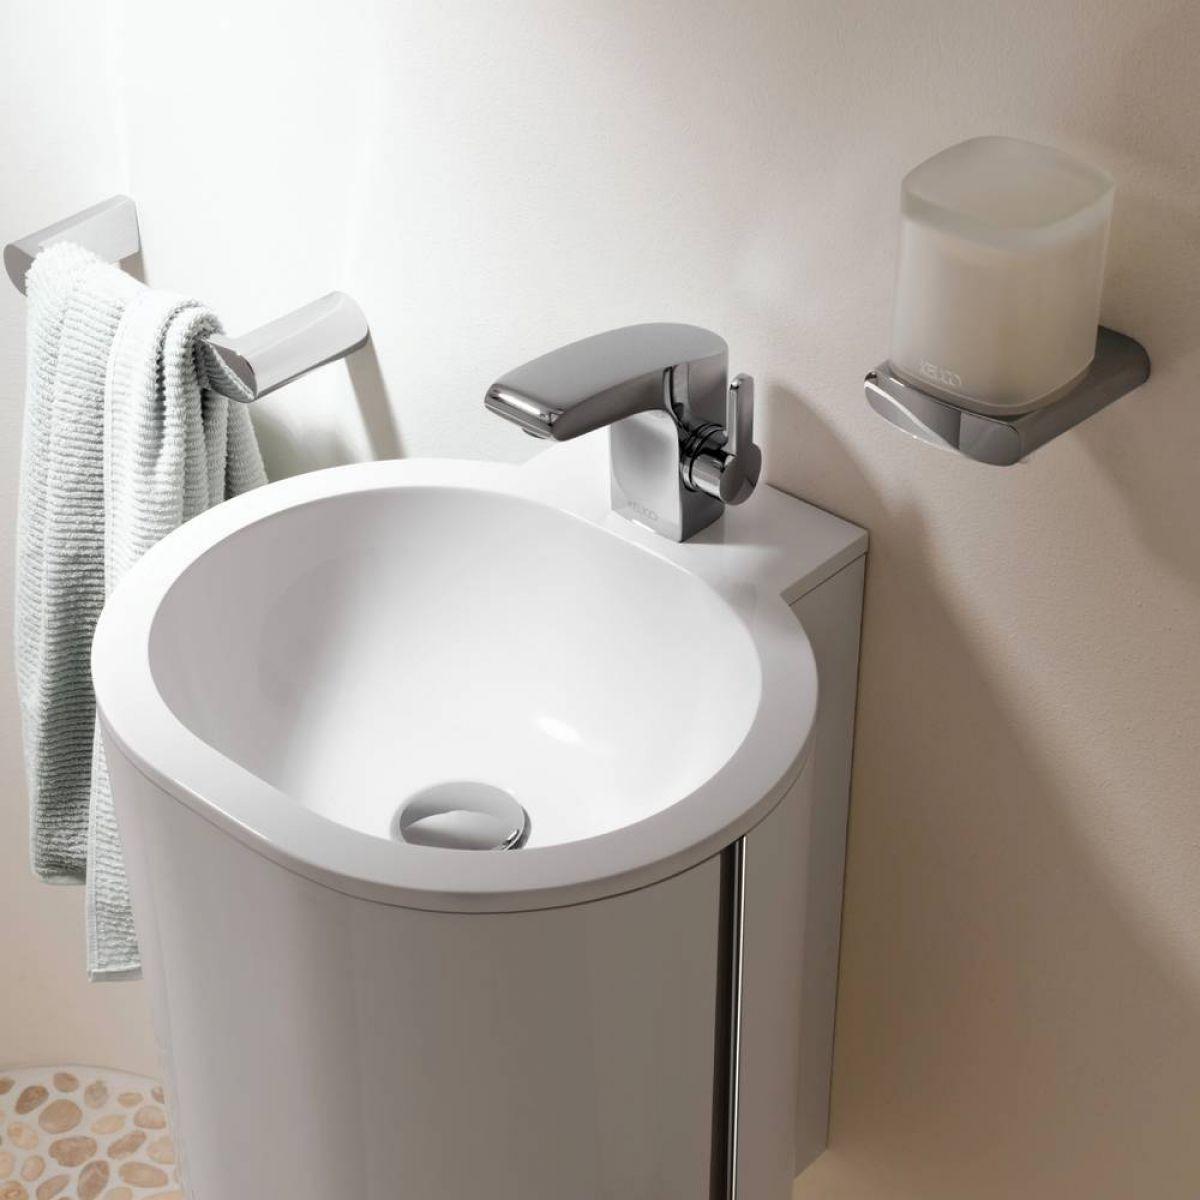 Keuco taps & mixers buyer\'s guide : UK Bathrooms